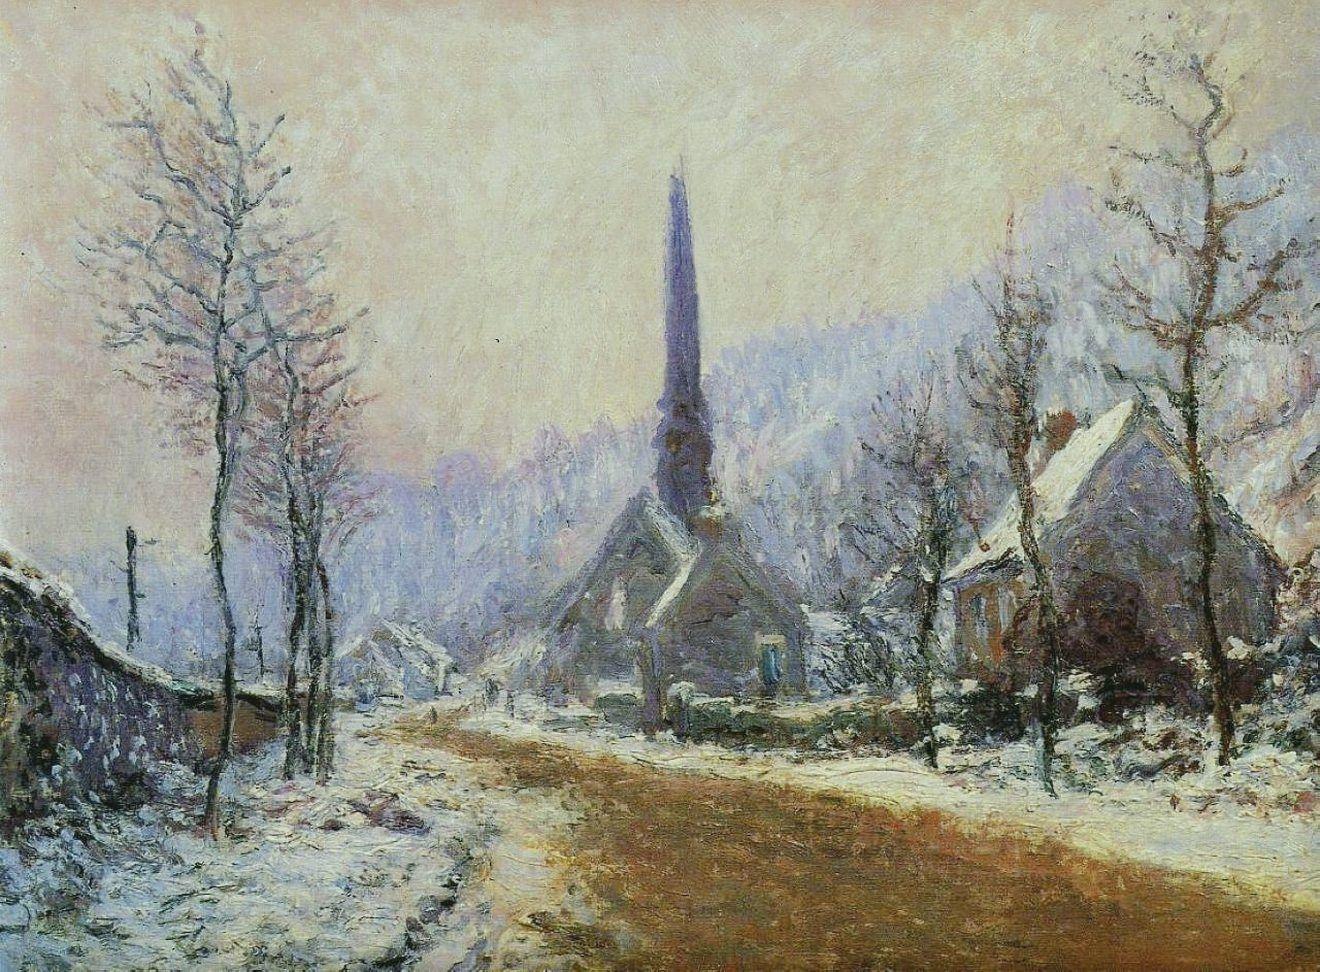 Пин от пользователя KondaArtistic — Oil paintings, на доске 1Claude Monet —  All oil paintings of great impressionist art master (с изображениями)